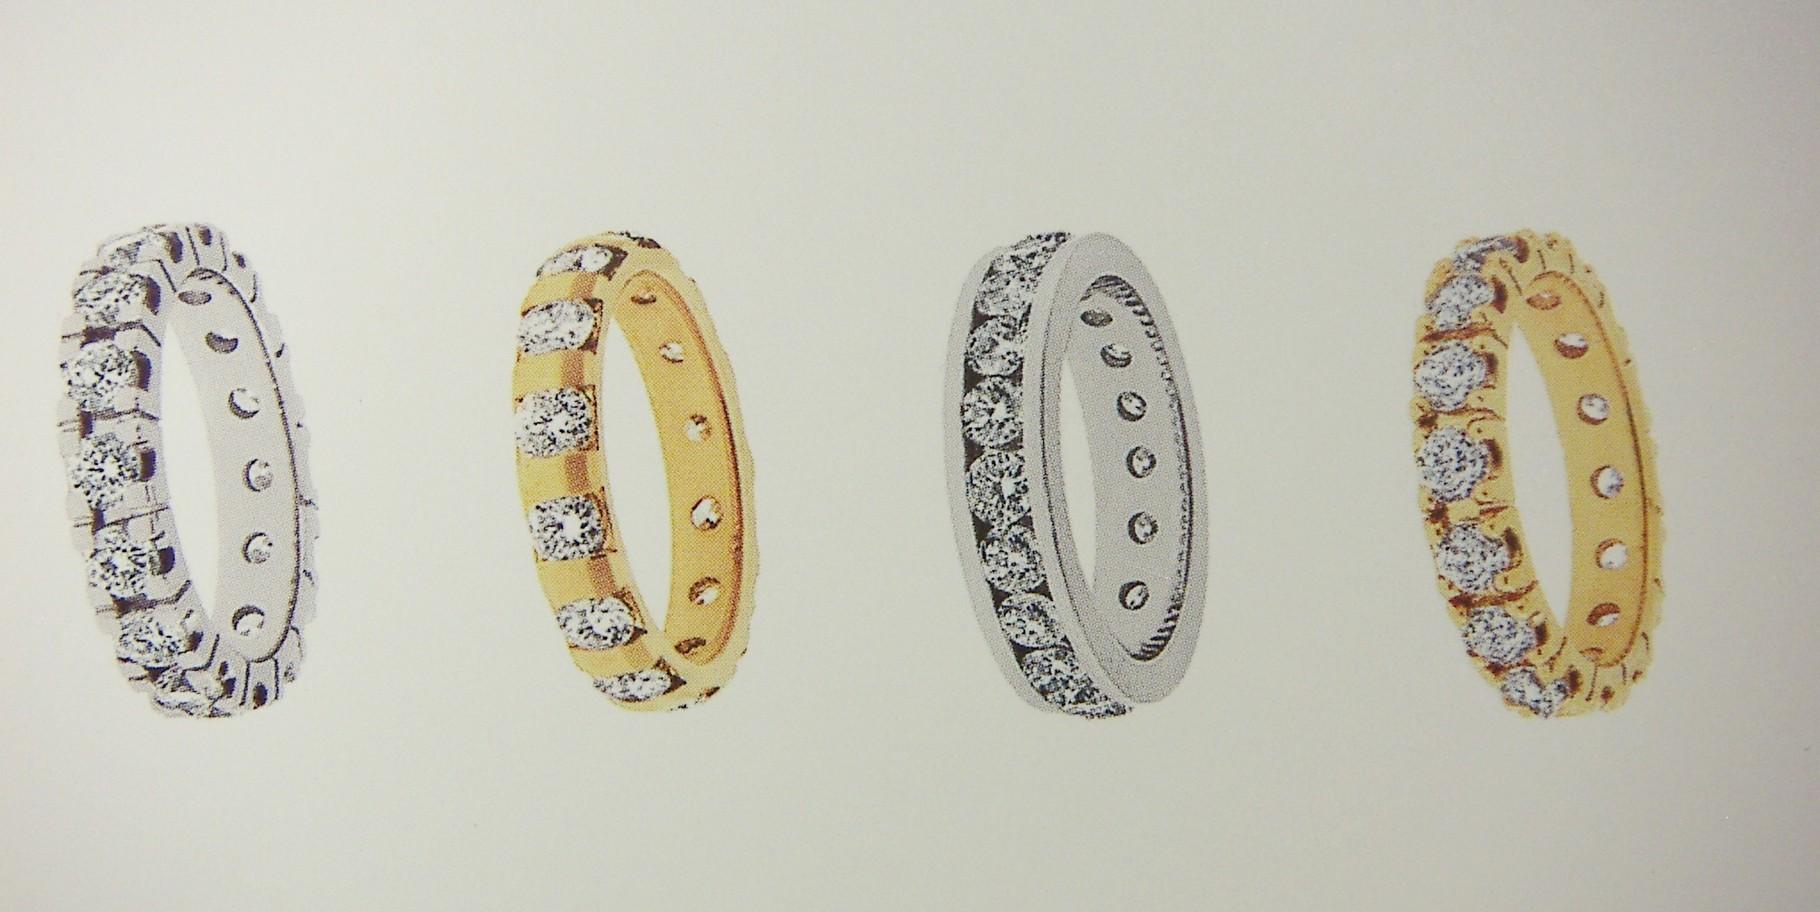 Ring, Gelb- und Weissgold 750, mit Châton-/Steg-/Kanal-Fassung